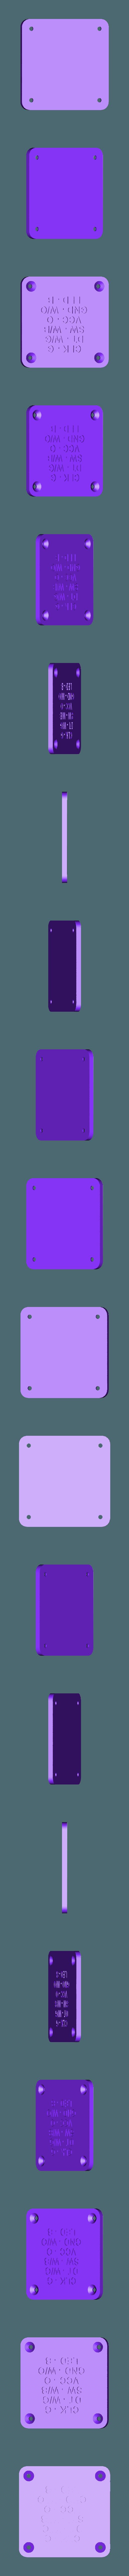 encoder_base_bottom.stl Download free STL file Smart knob • 3D printing object, marigu